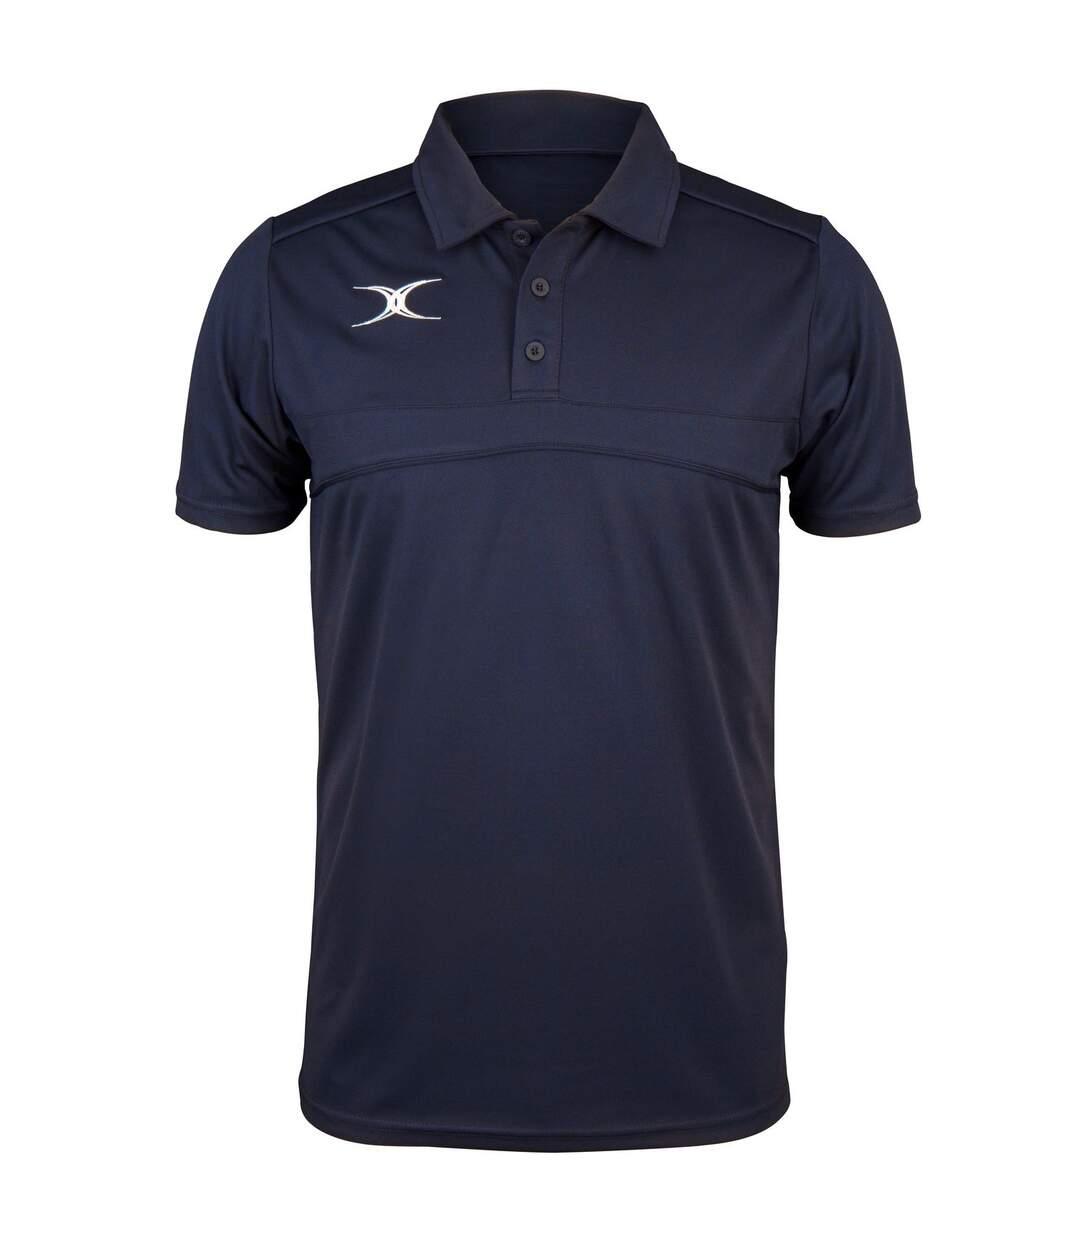 Polo de rugby manches courtes homme - GI017 - bleu marine